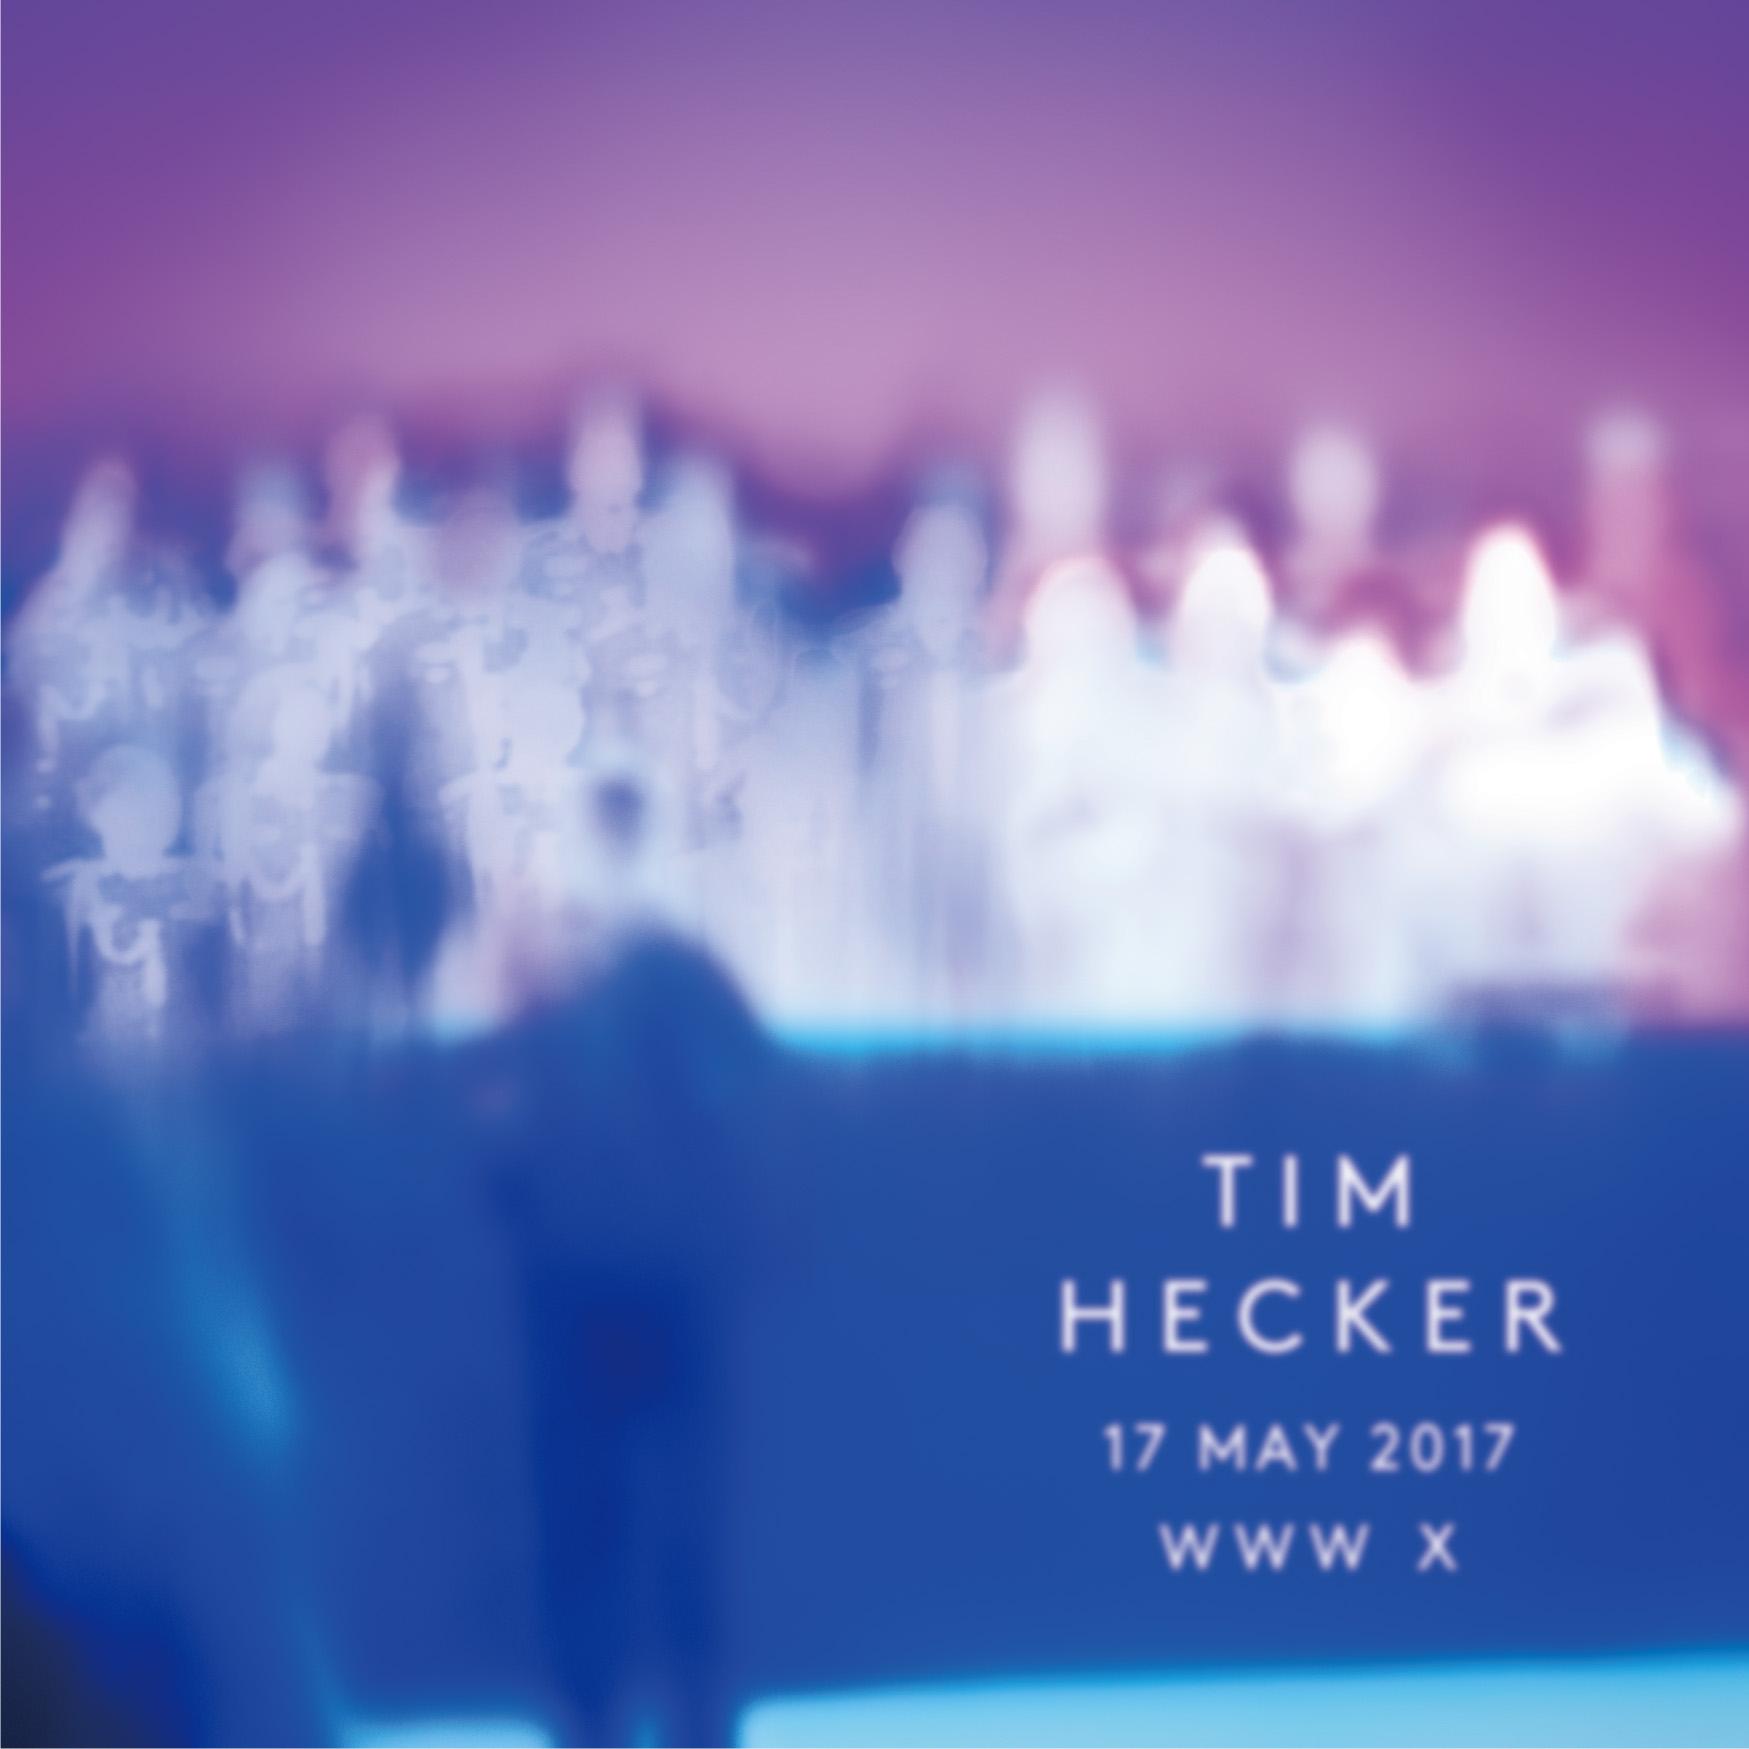 音響系トップアーティストTim Hecker、3年ぶりの来日公演が明日WWW Xにて開催!